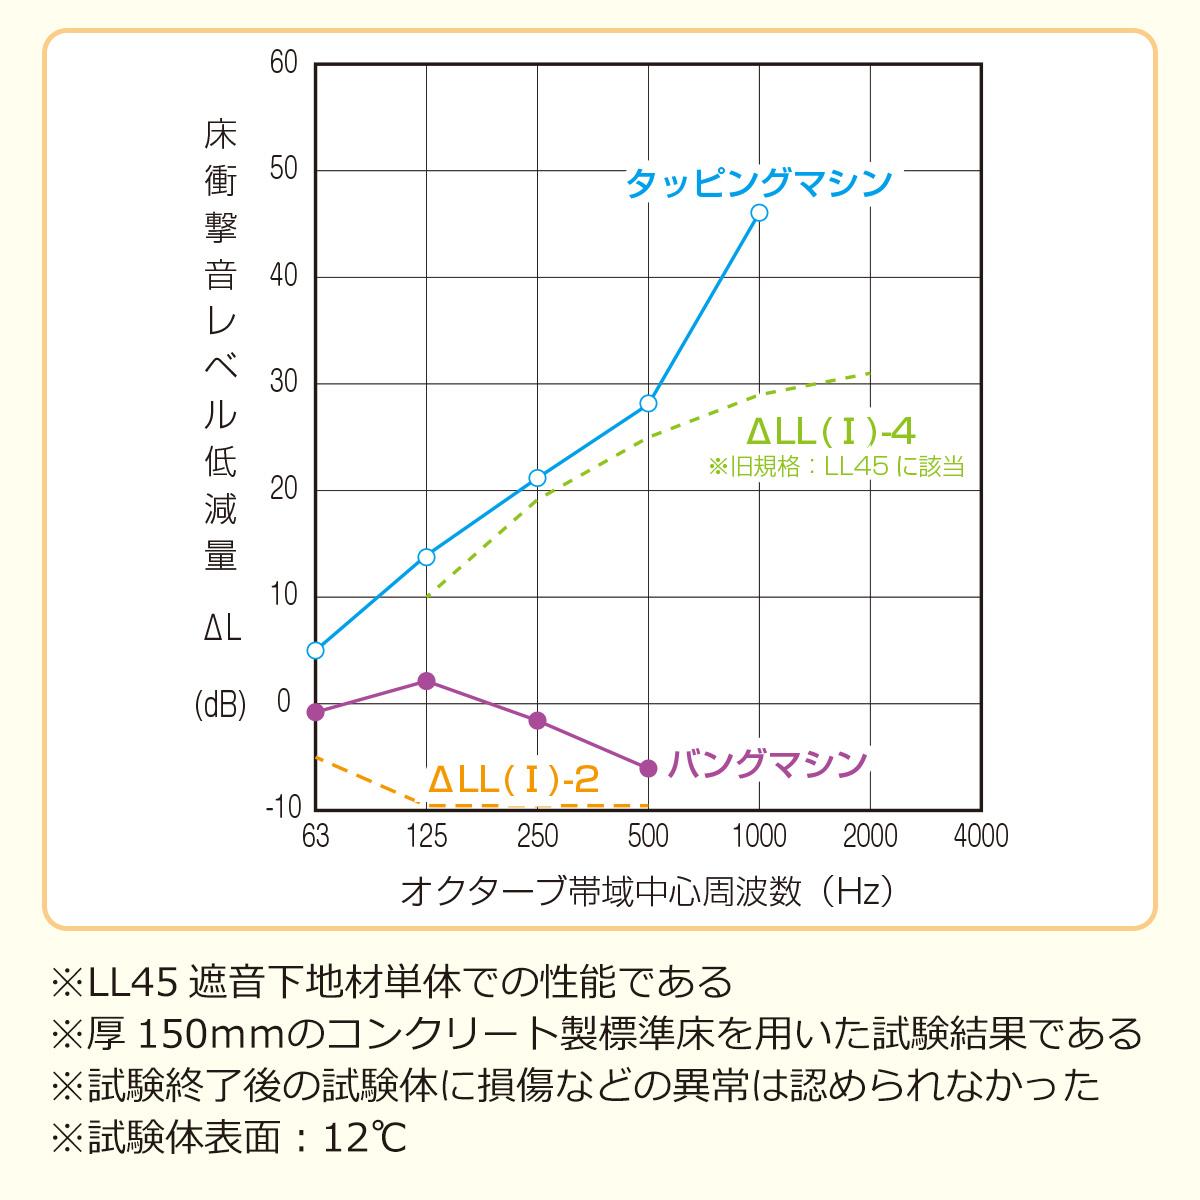 床衝撃音レベル低減量 ※LL45遮音下地材での性能である ※厚150ミリのコンクリート製標準床を用いた試験結果である ※試験終了後の試験体に損傷などの異常は認められなかった ※試験体表面12度